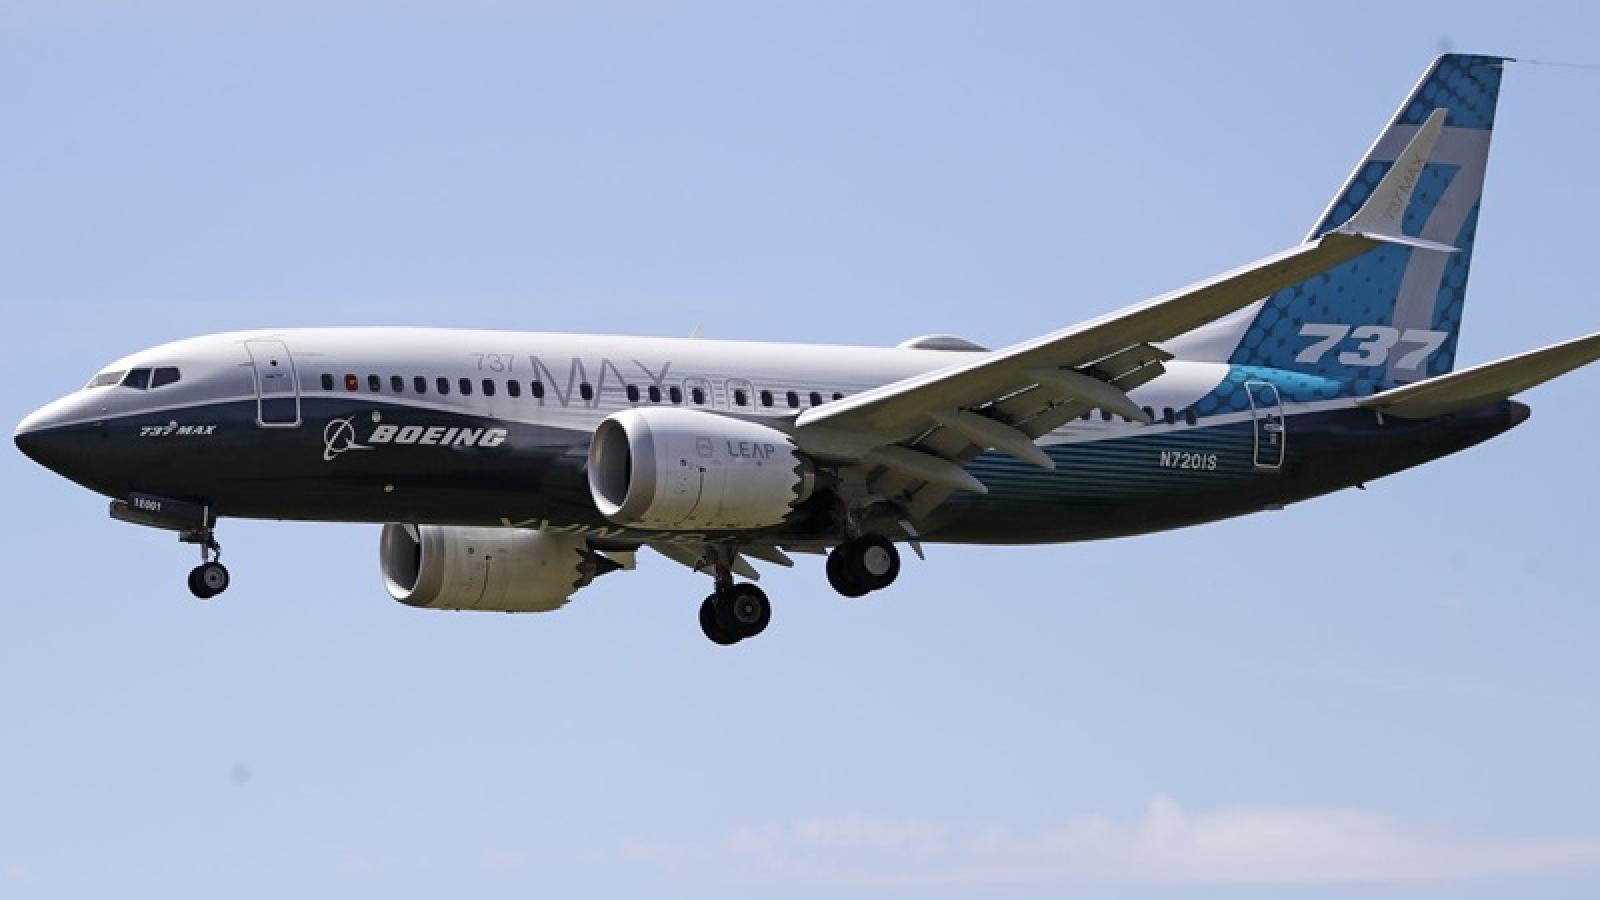 Trung Quốc chưa cho phép dòng máy bay Boeing 737 Max hoạt động trở lại